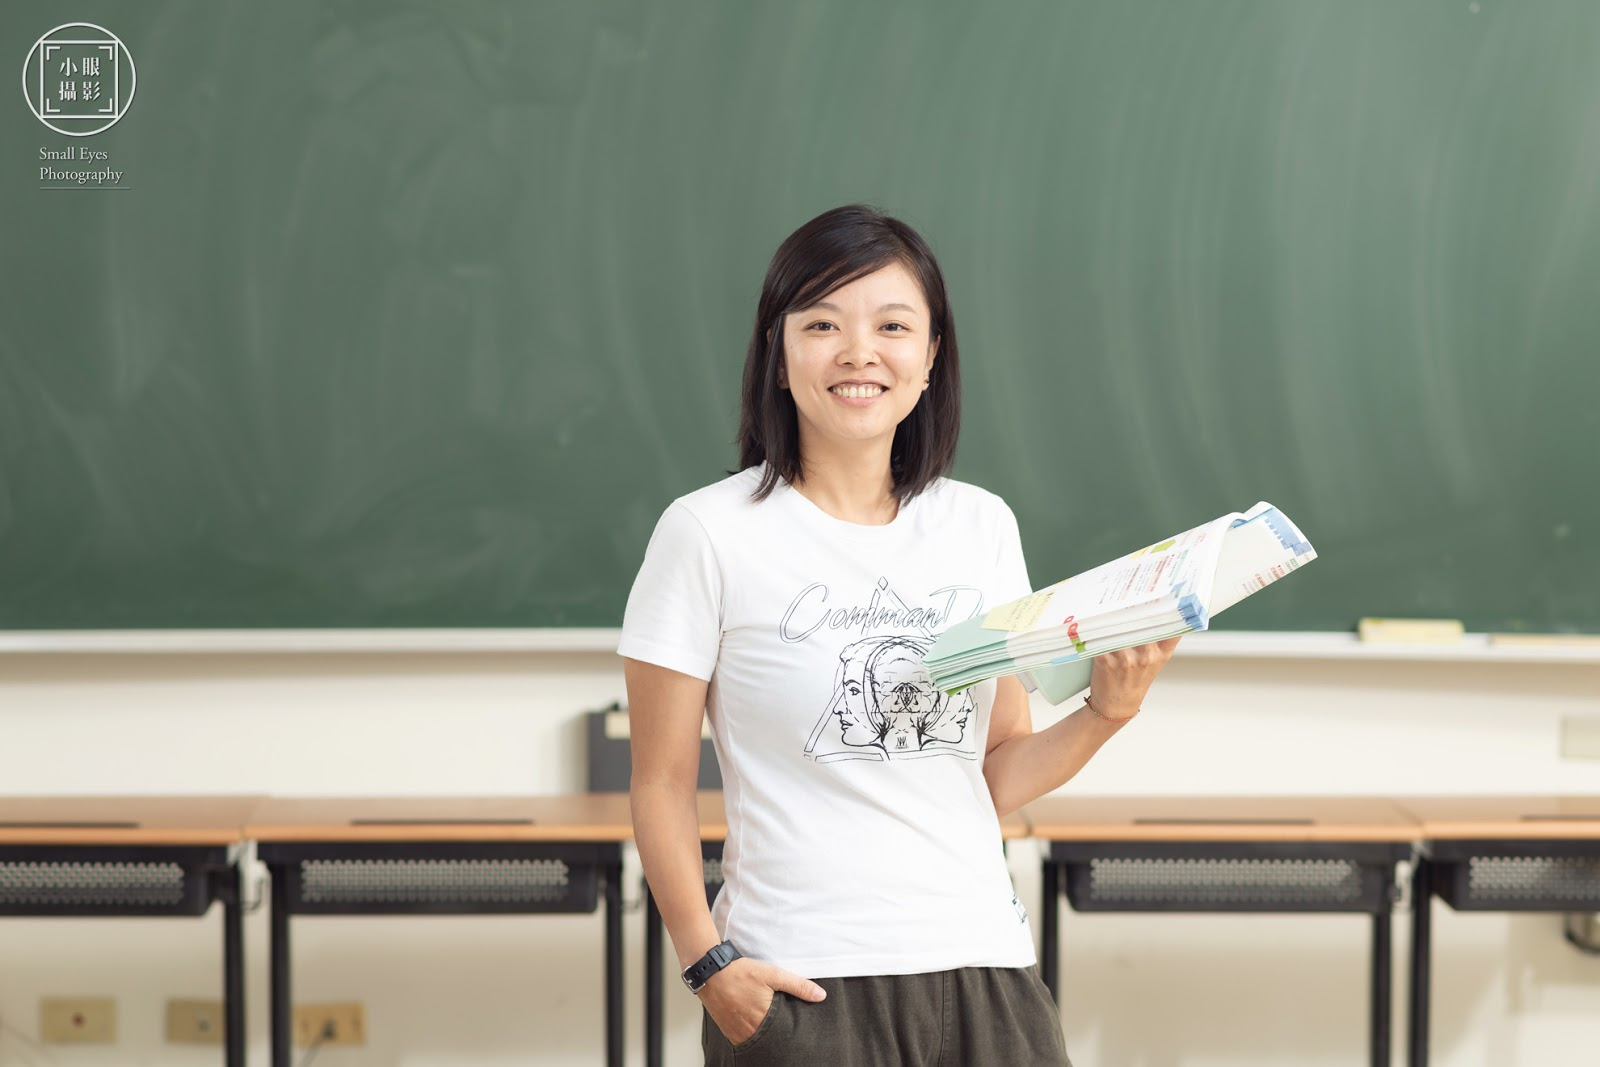 小眼攝影,寫真,企業形象,形象照,形象拍攝,人像攝影,人像照,人像拍攝,Teach For Taiwan,TFT,為台灣而教,第五屆,偏鄉教師,偏鄉,教師,老師